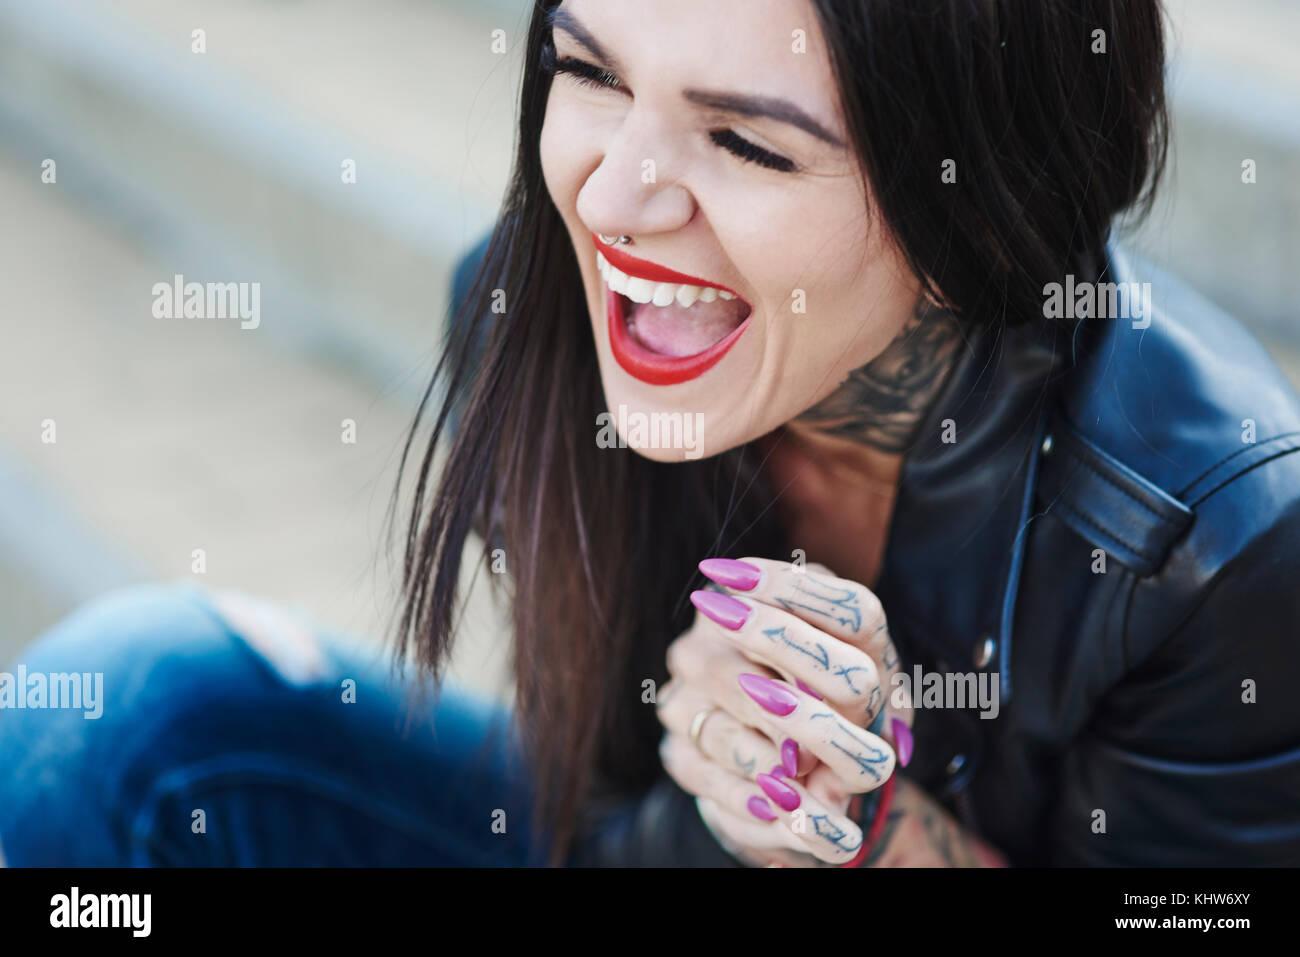 Retrato de mujer joven riendo, tatuajes en el cuello y la mano Imagen De Stock